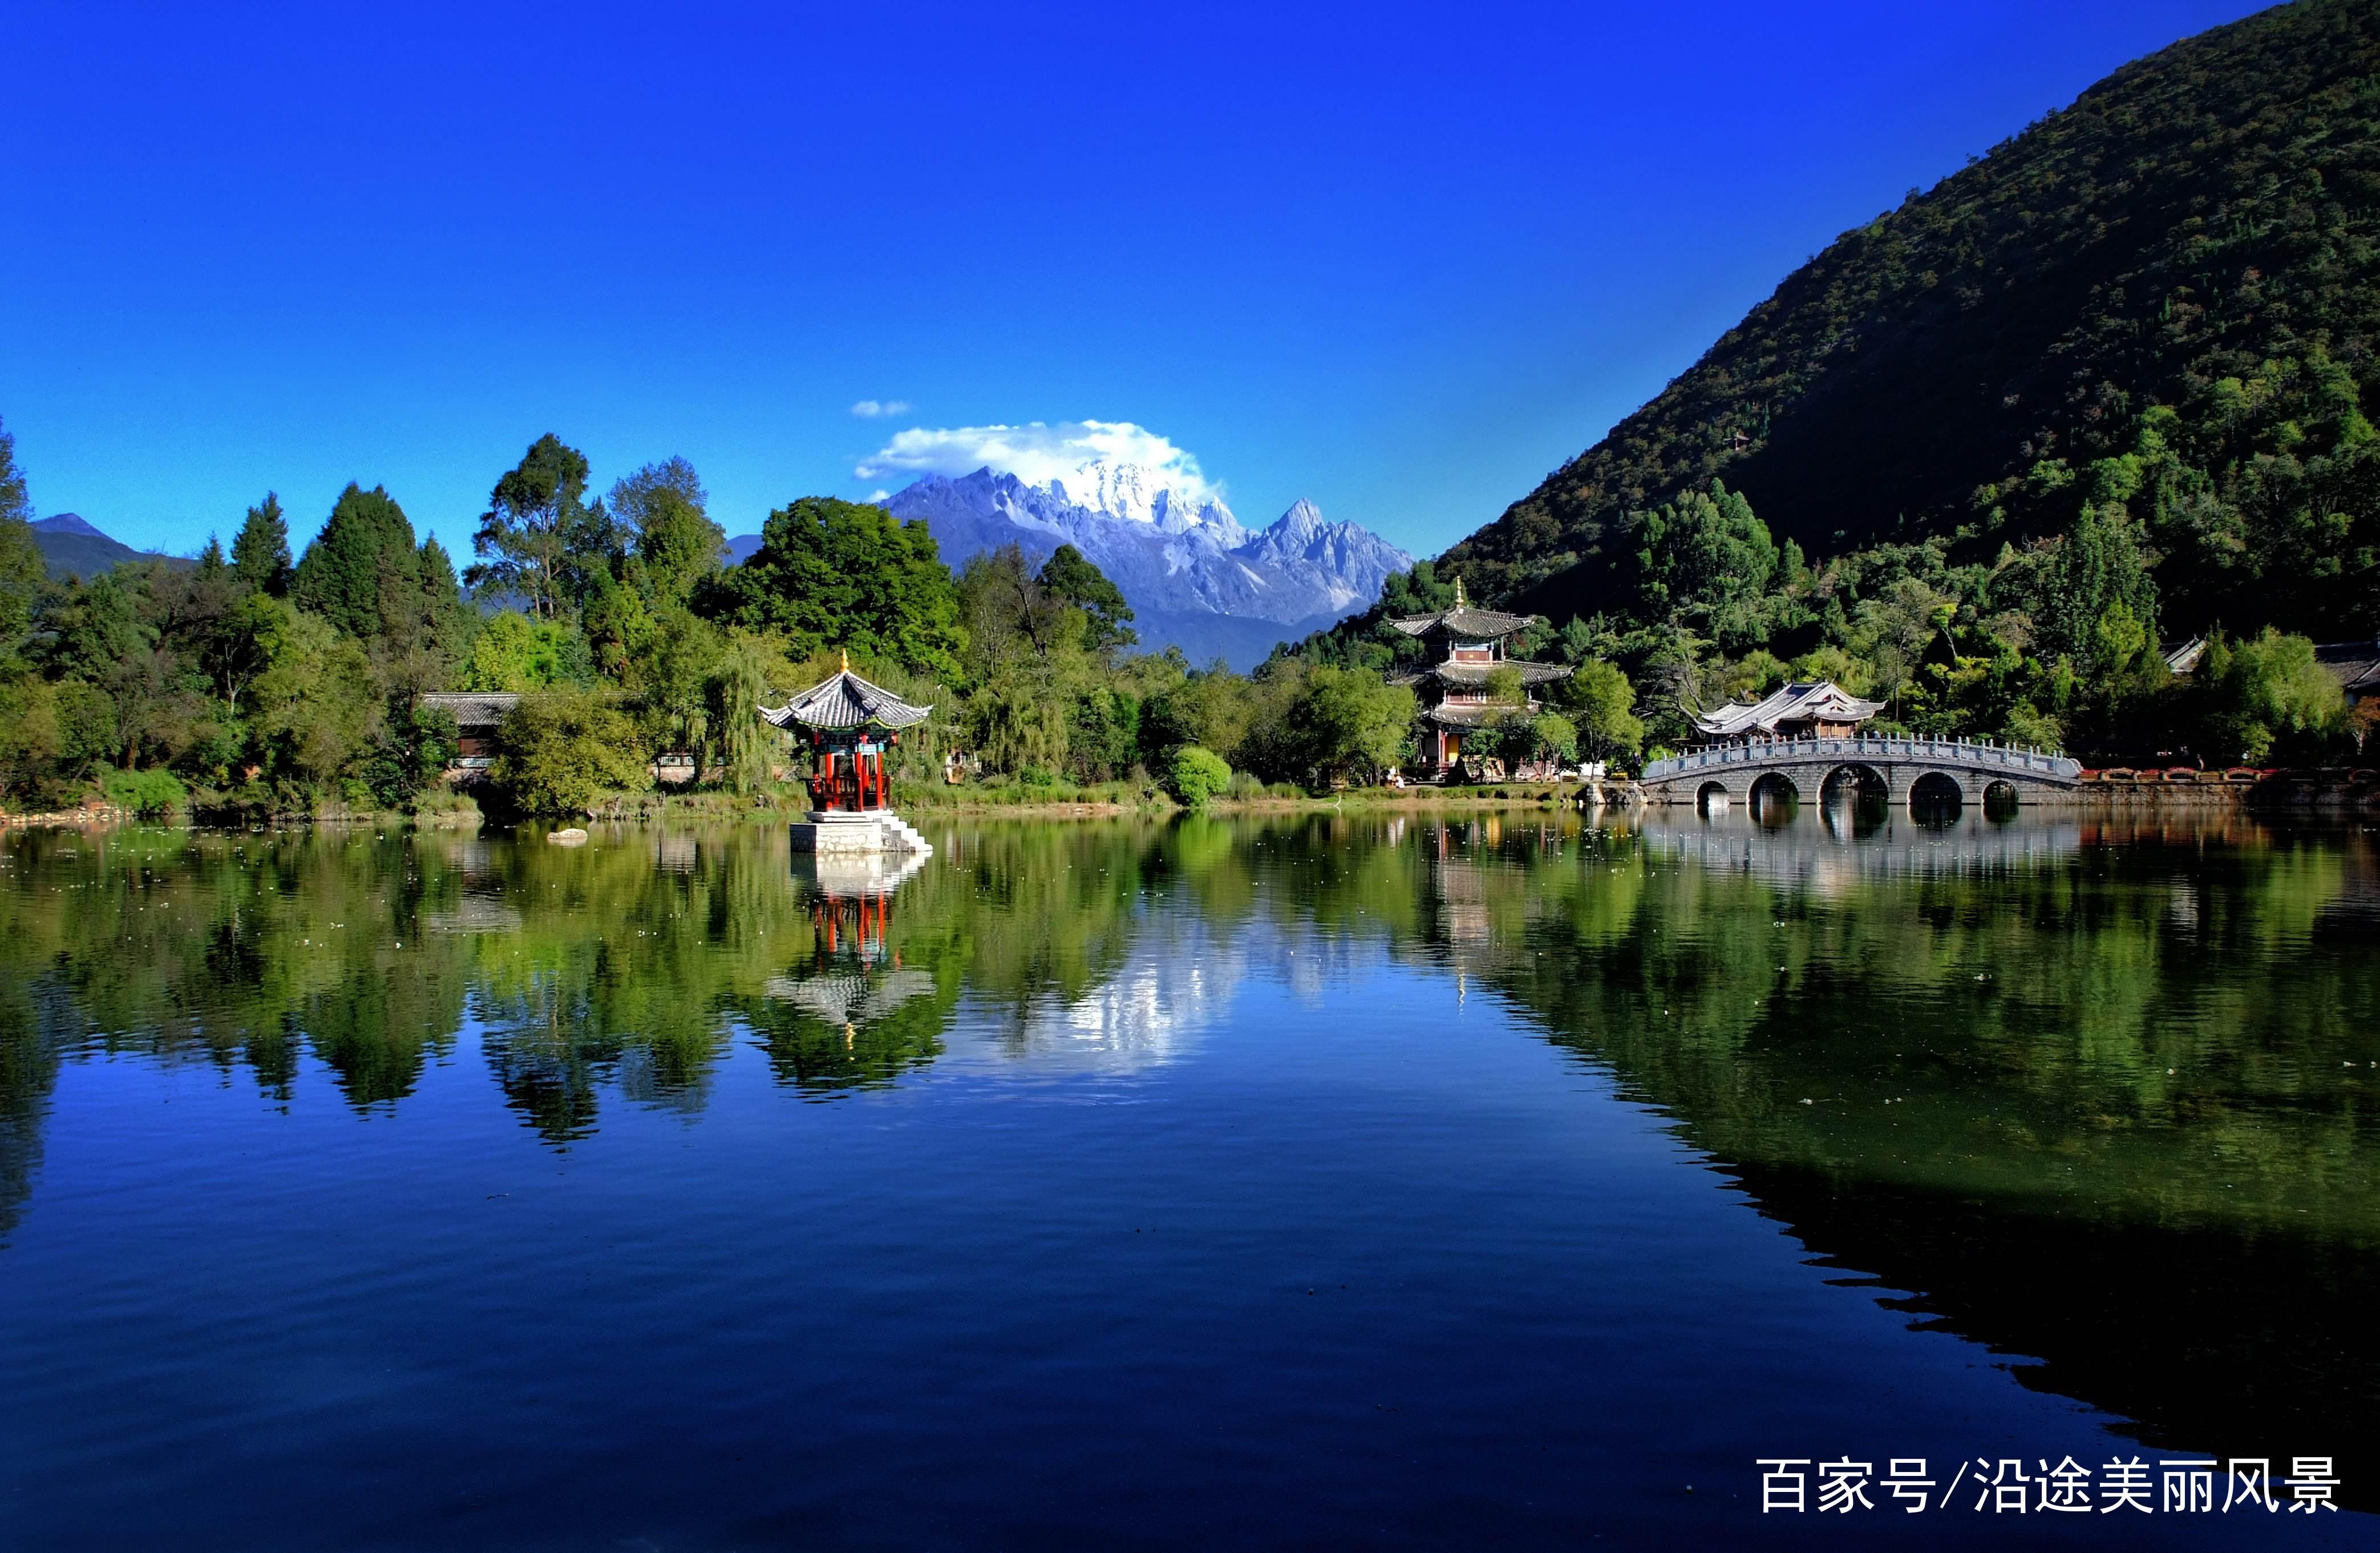 """丽江旅游,推荐6个""""不可错过""""的旅游景点,你有去过吗?"""